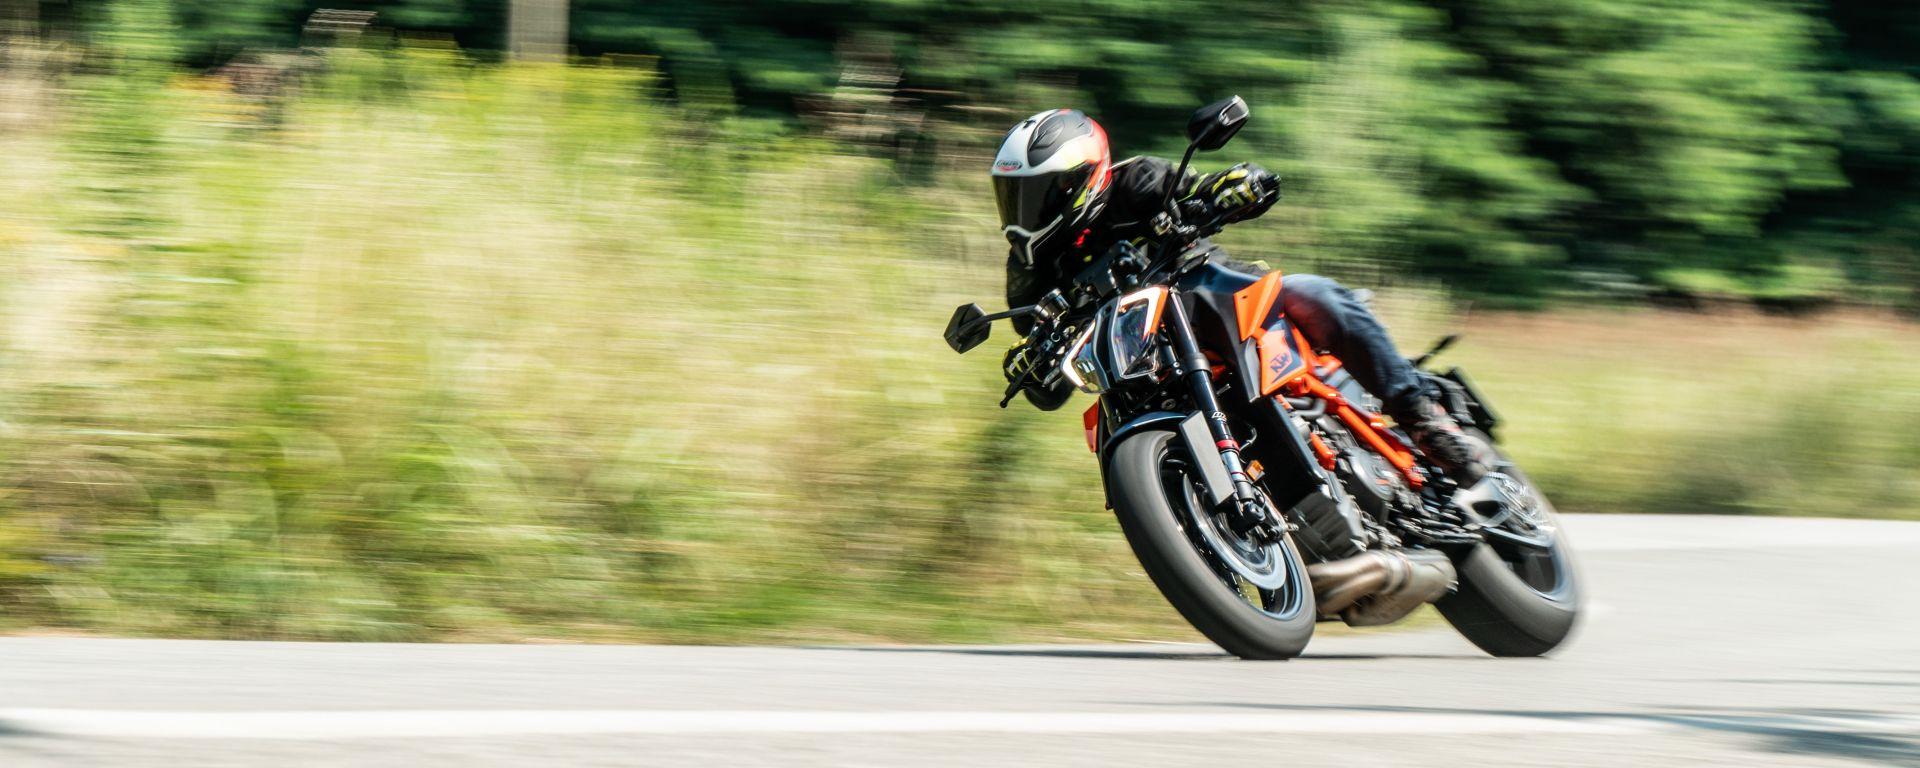 KTM: una 1290 Super Duke in arrivo, si chiamerà RR. Ecco come sarà